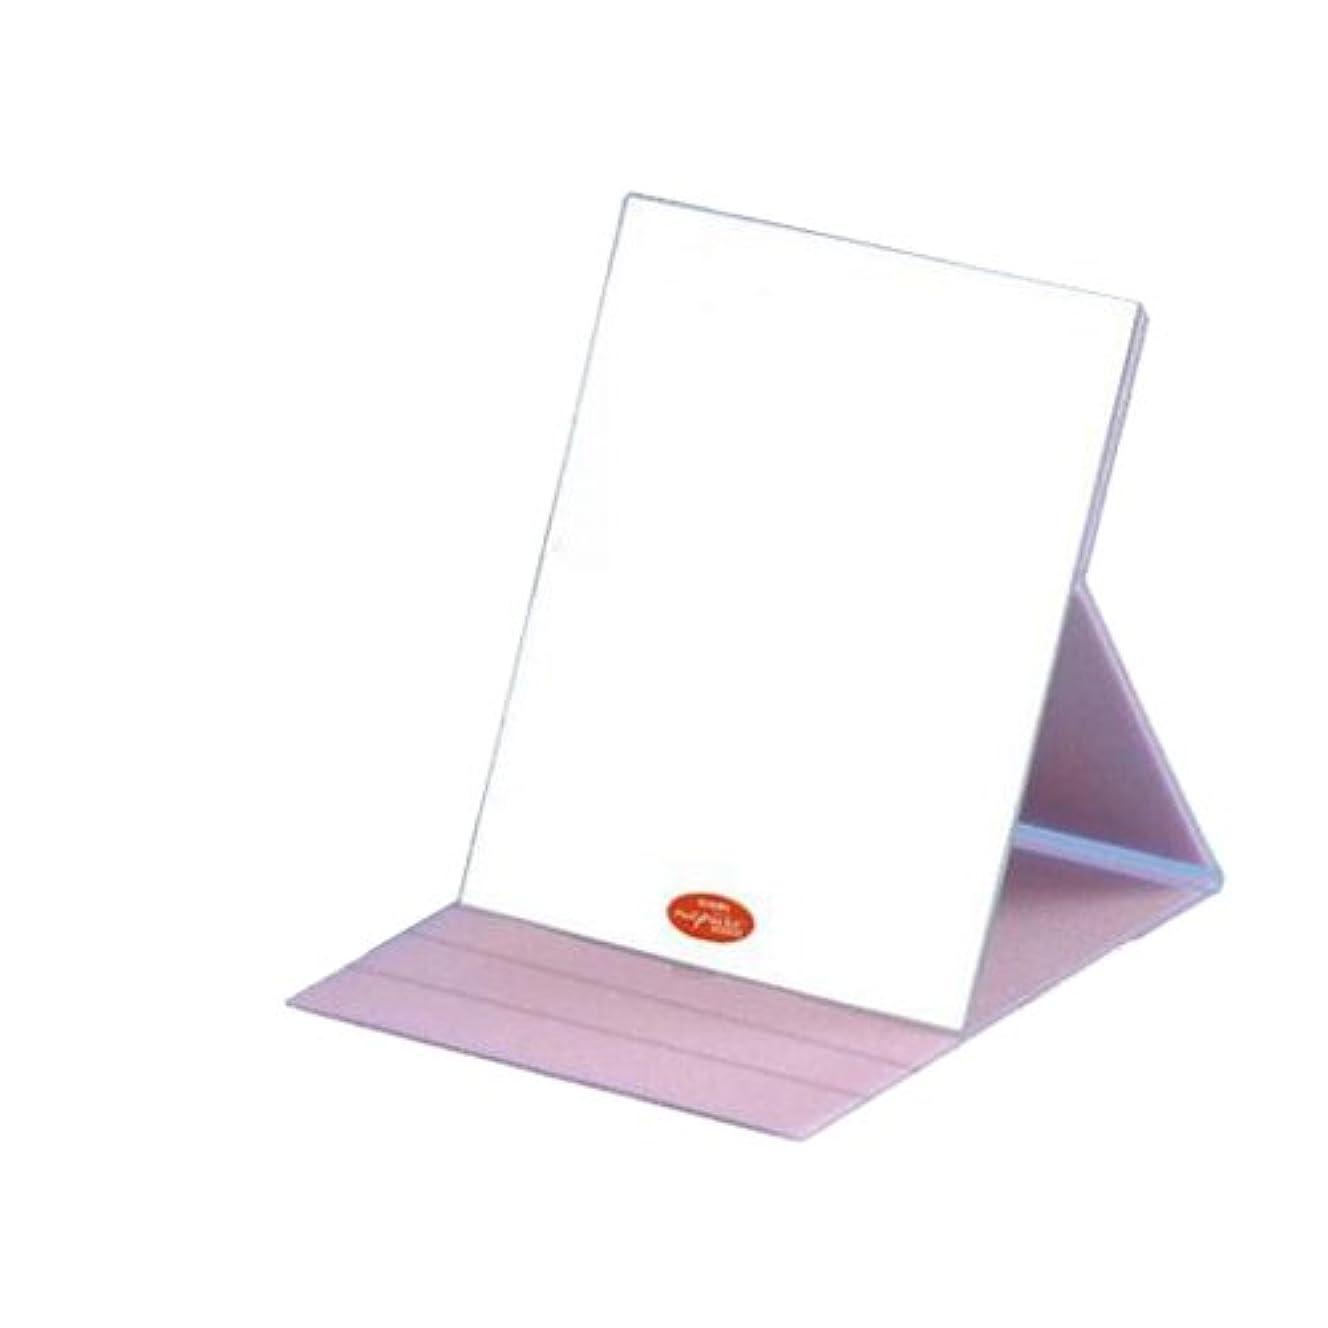 HP-61 ナピュア プロモデル角度調整3段階付き折立ミラー エコ?ピンク(L)